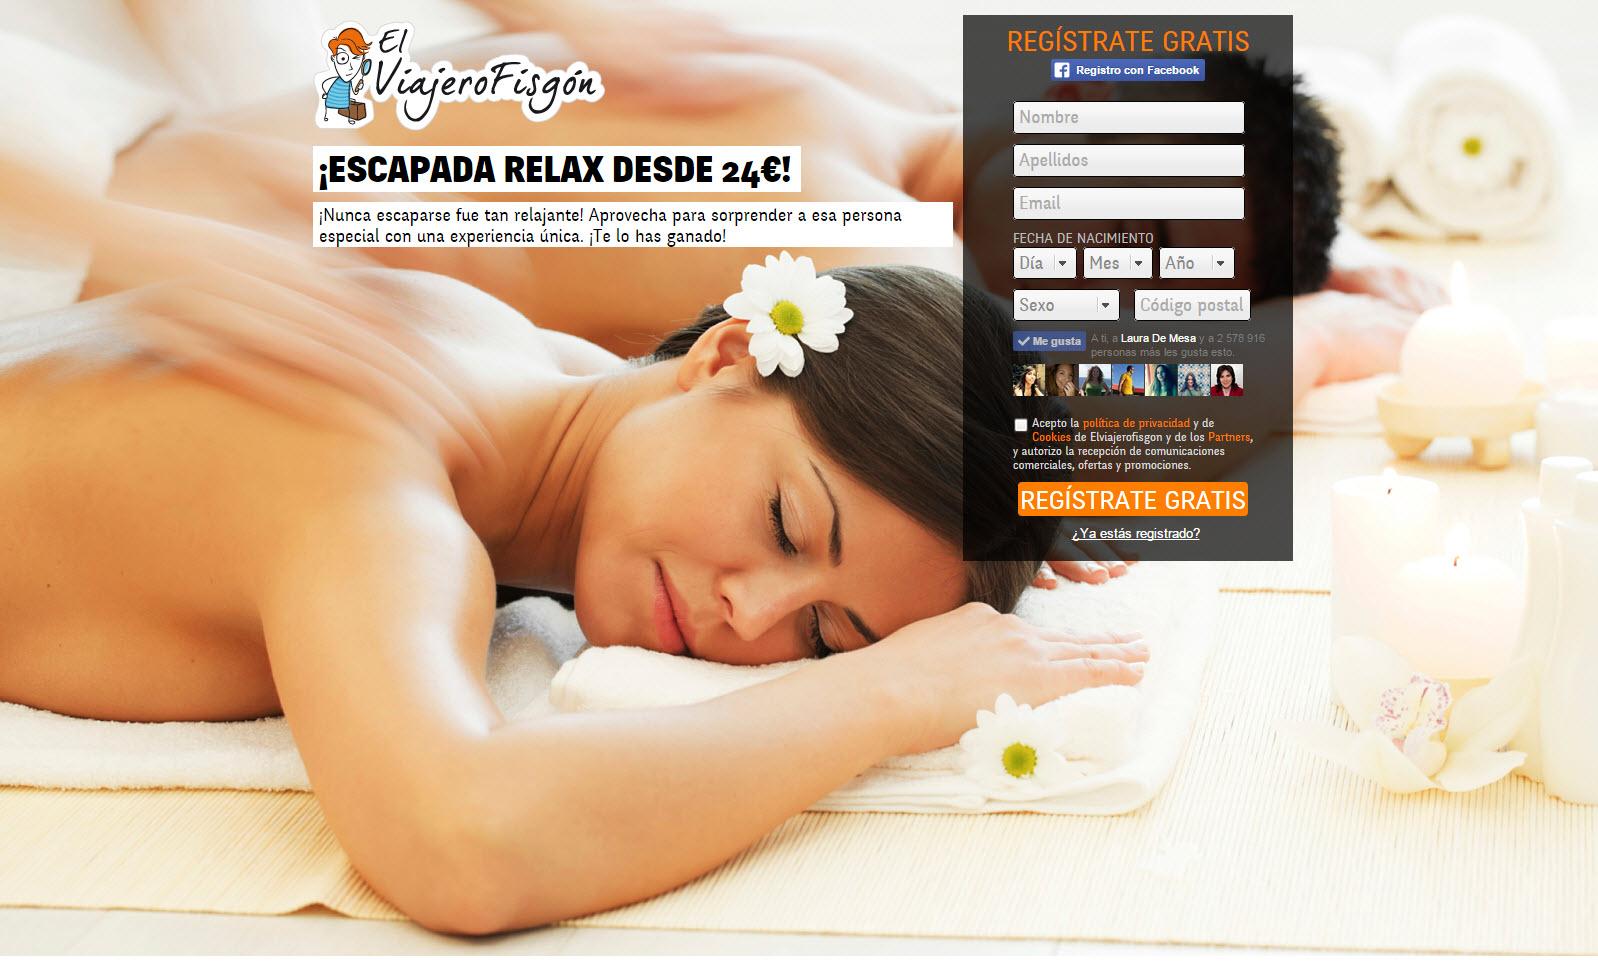 cuida el aspecto visual - Landing page El Viajero Fisgón